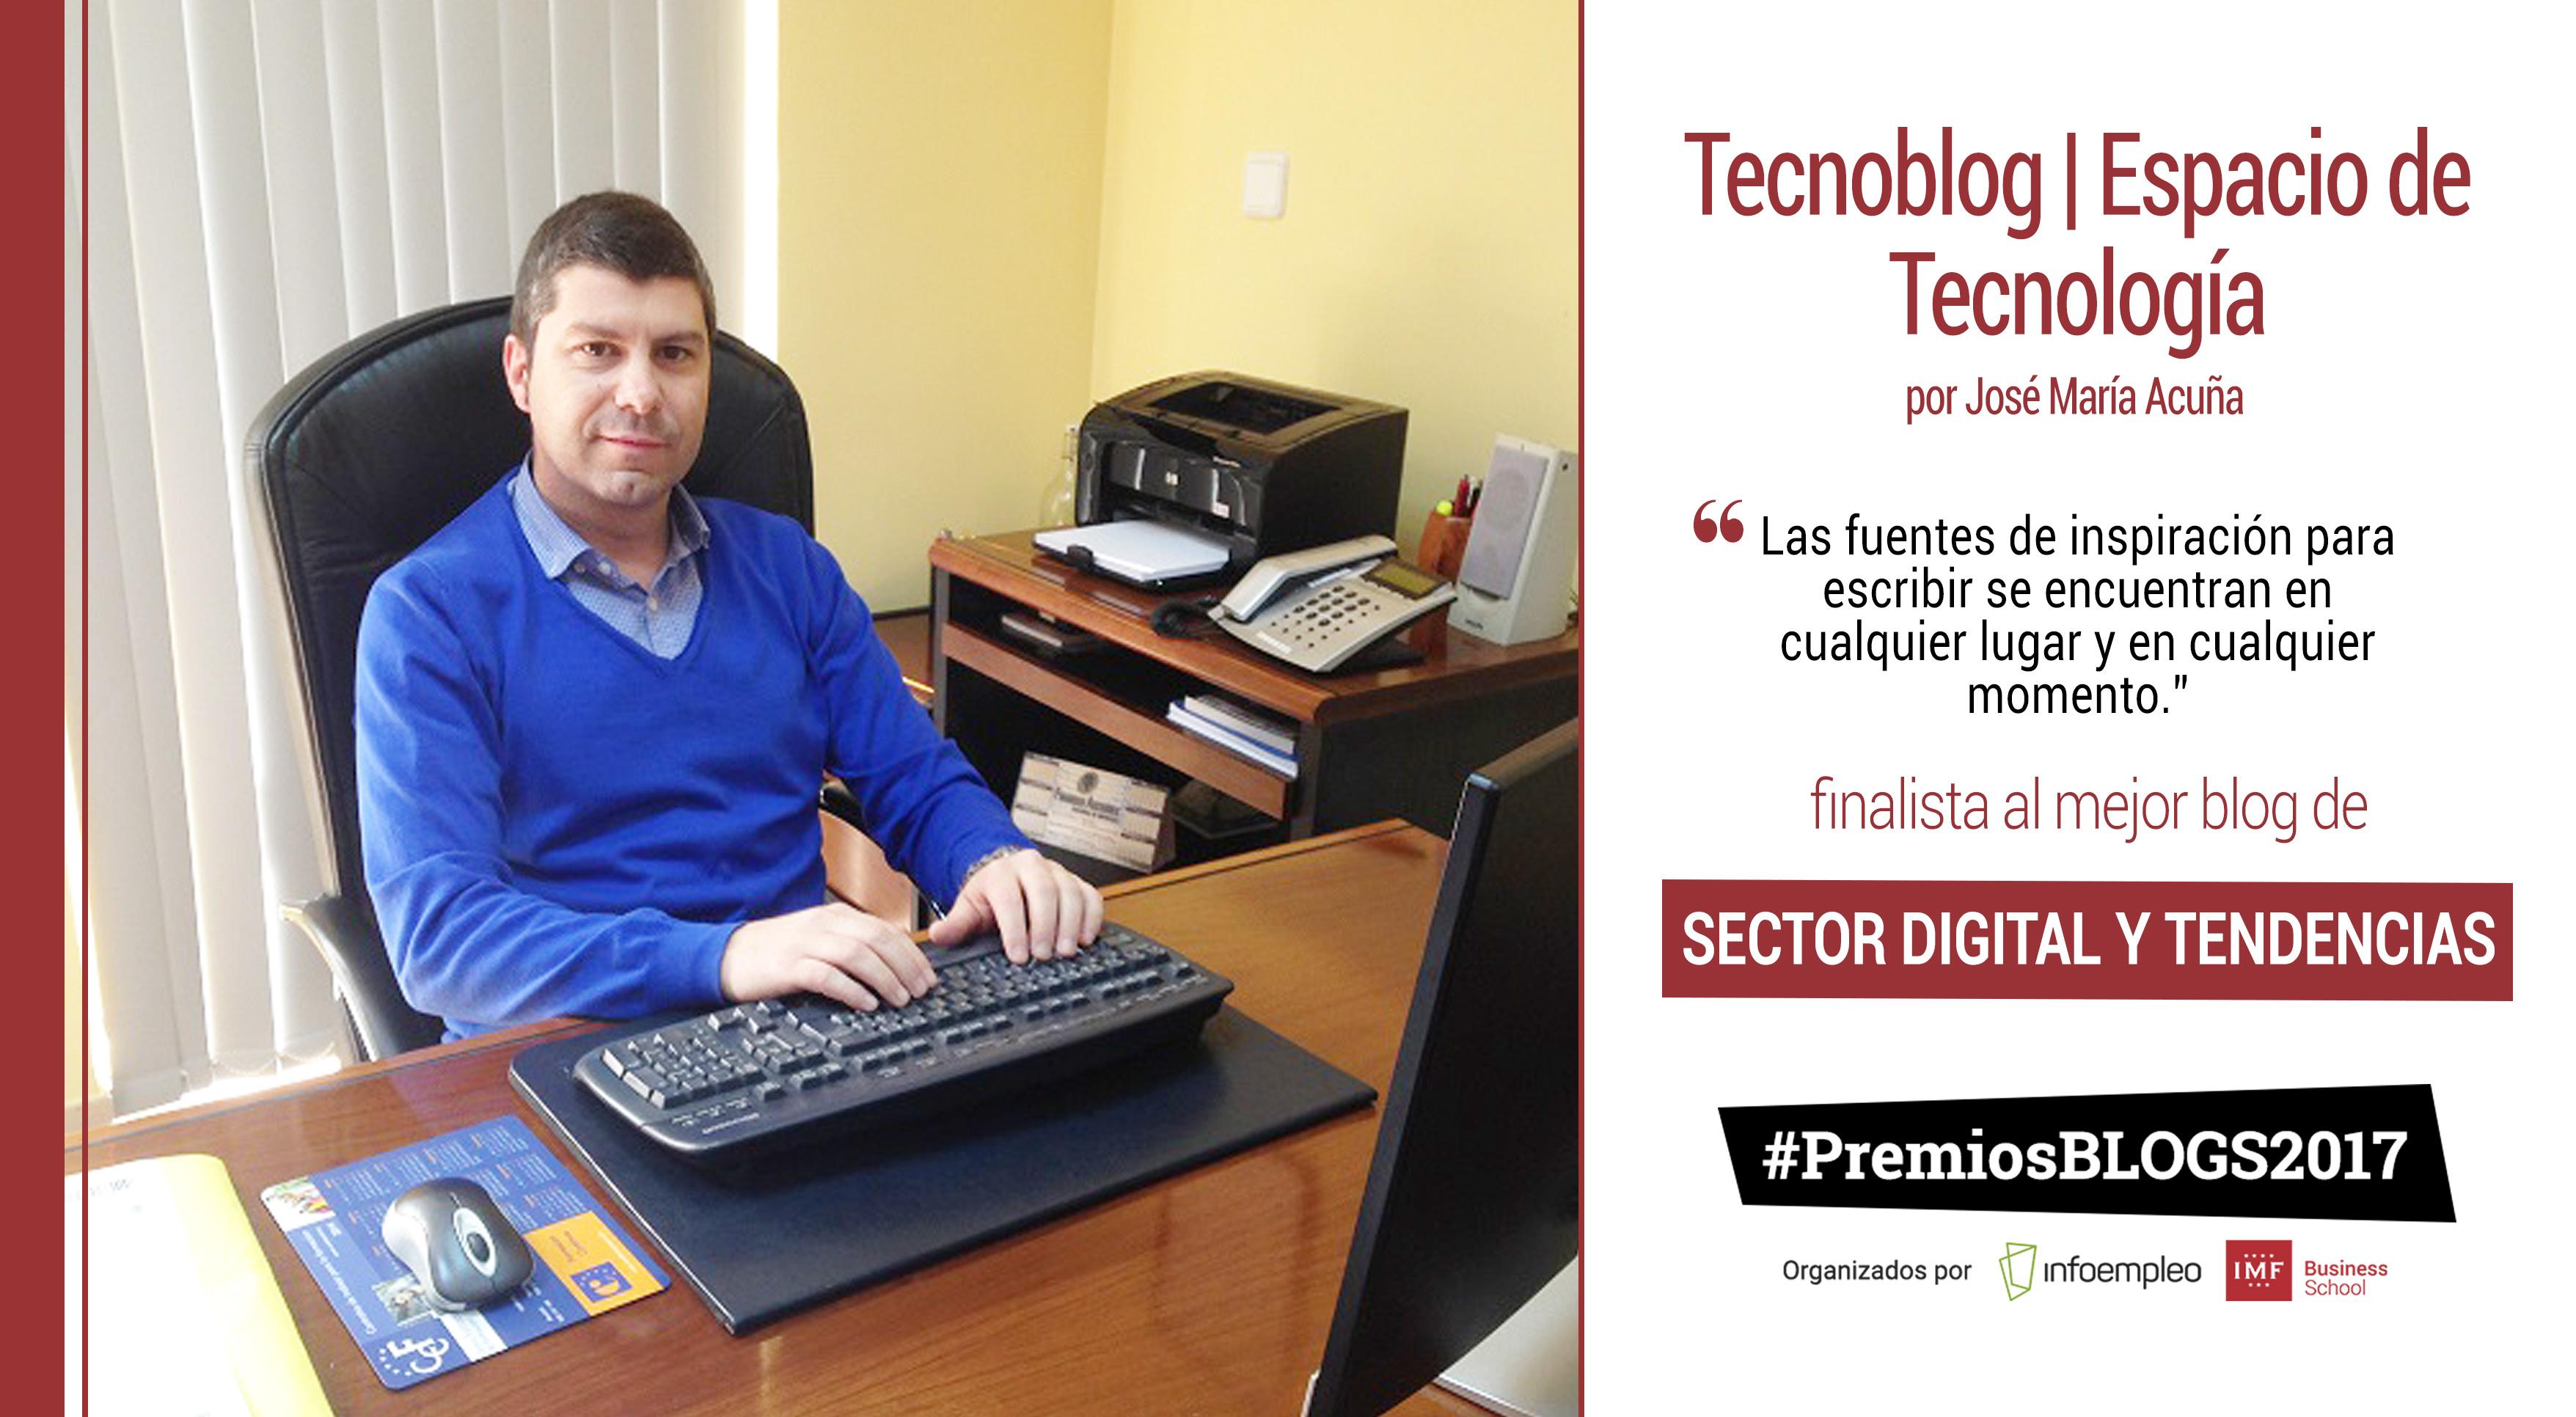 tecnoblog-finalista-mejor-blog-digital-tendencias Tecnoblog | Espacio de Tecnología, finalista a mejor blog del sector digital en los #PremiosBlogs2017